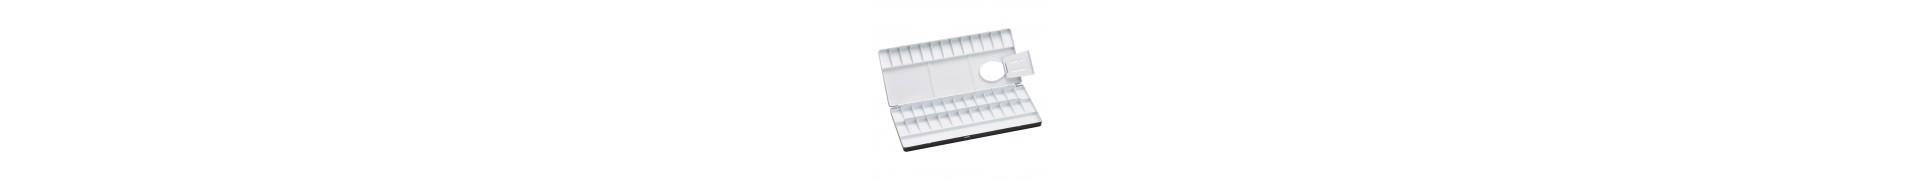 Palette aluminium HOLBEIN - 1130-20 - Pour aquarelle - F: 19.5 x 7.5 cm (Pliante)